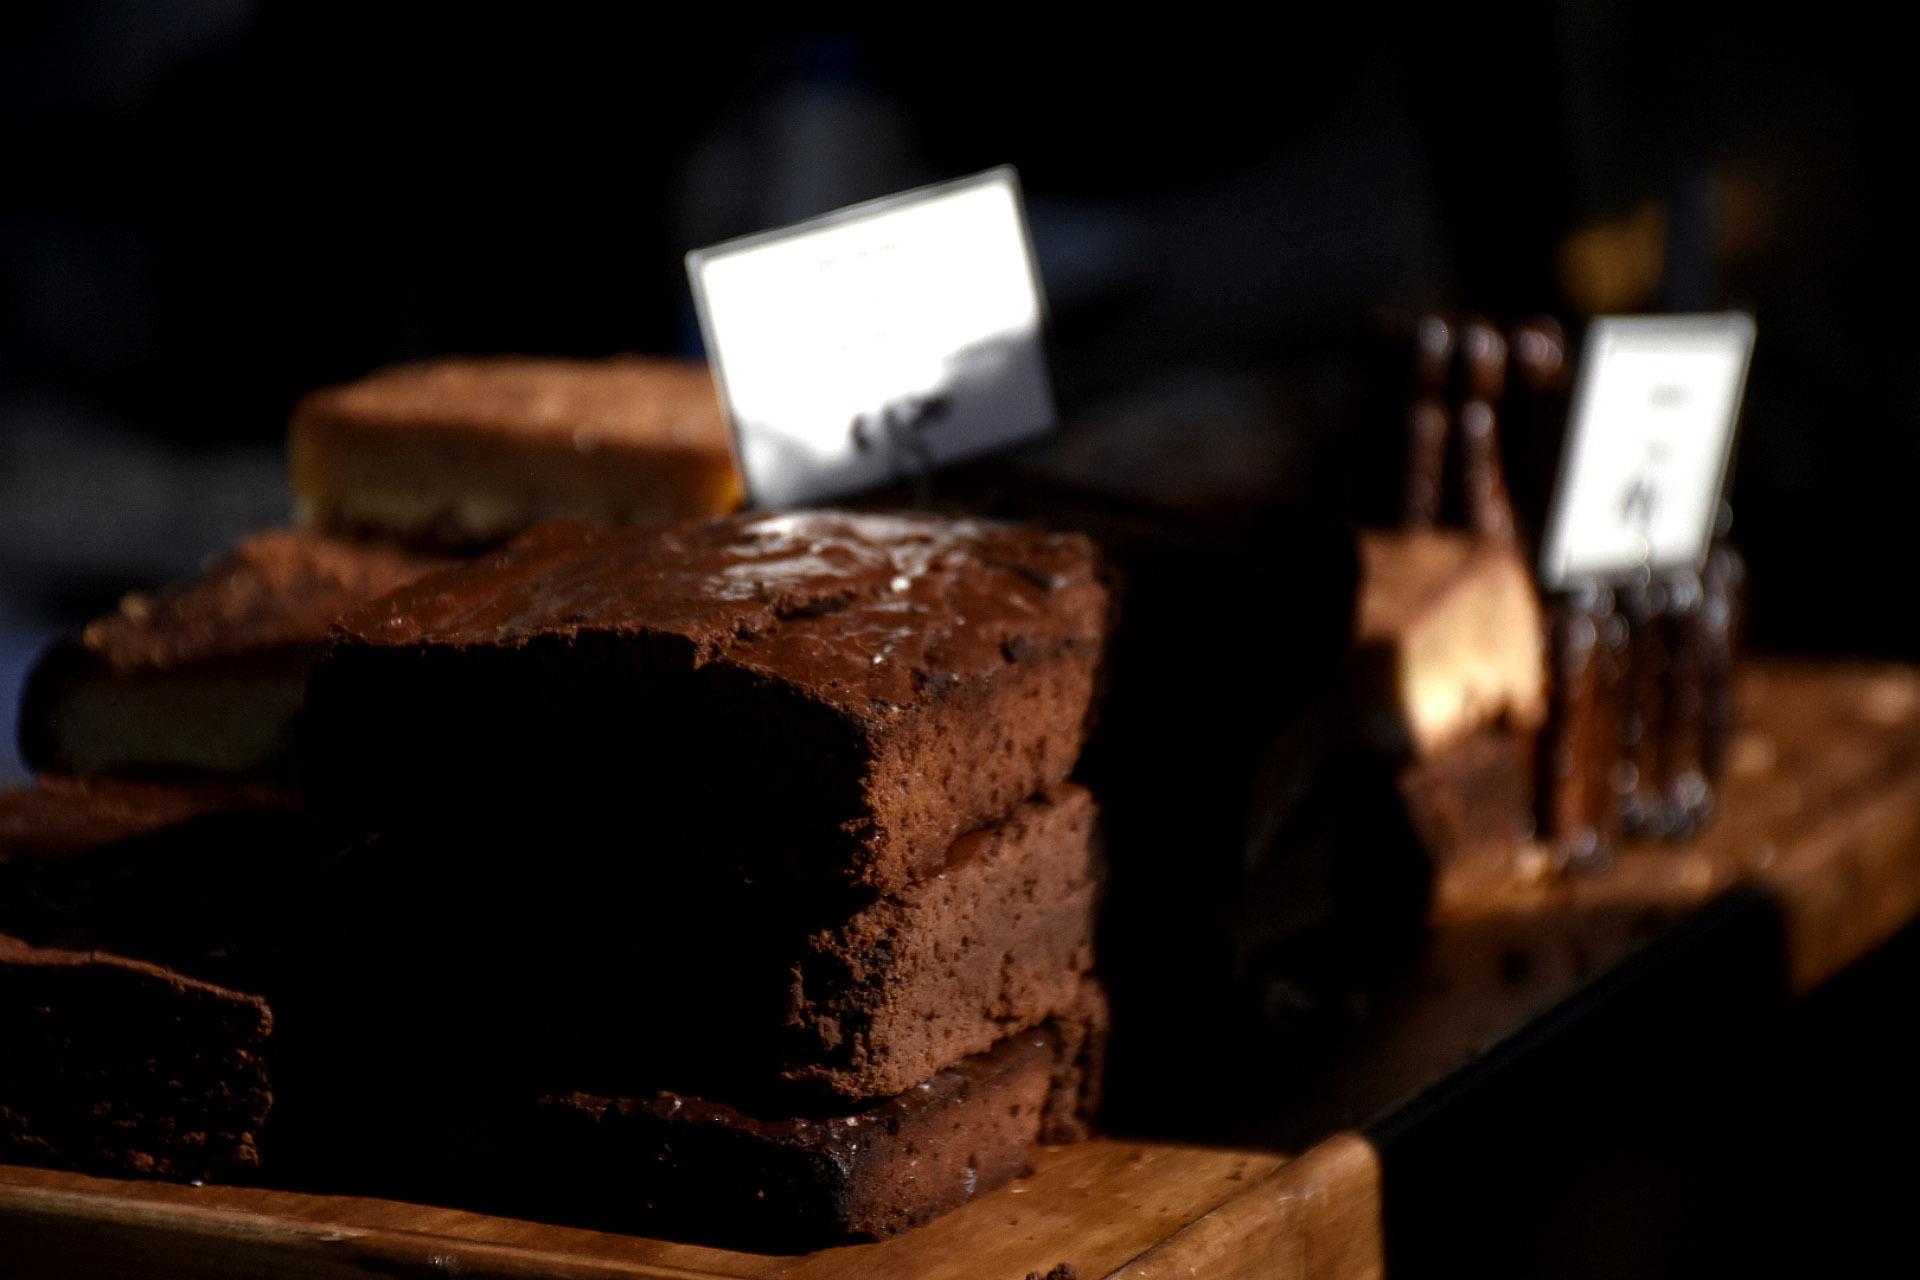 Las delicias dulces no pueden faltar. Brownies de chocolate negro by Compañía de Chocolates. En su carrito también llevaron sus clásicos helados que incluyeron el tradicional pistacho, postres y tortas para compartir con la familia y en pareja